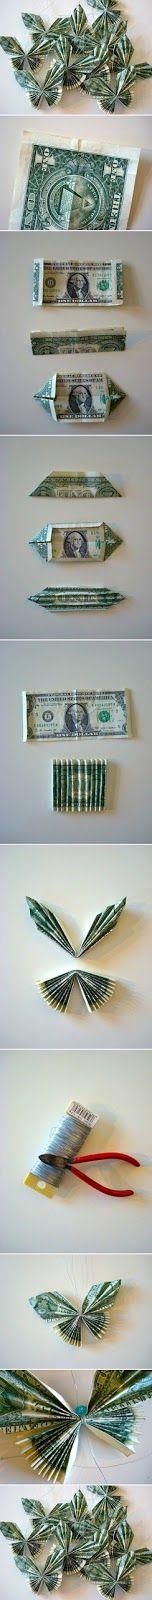 Money Bill Butterfly